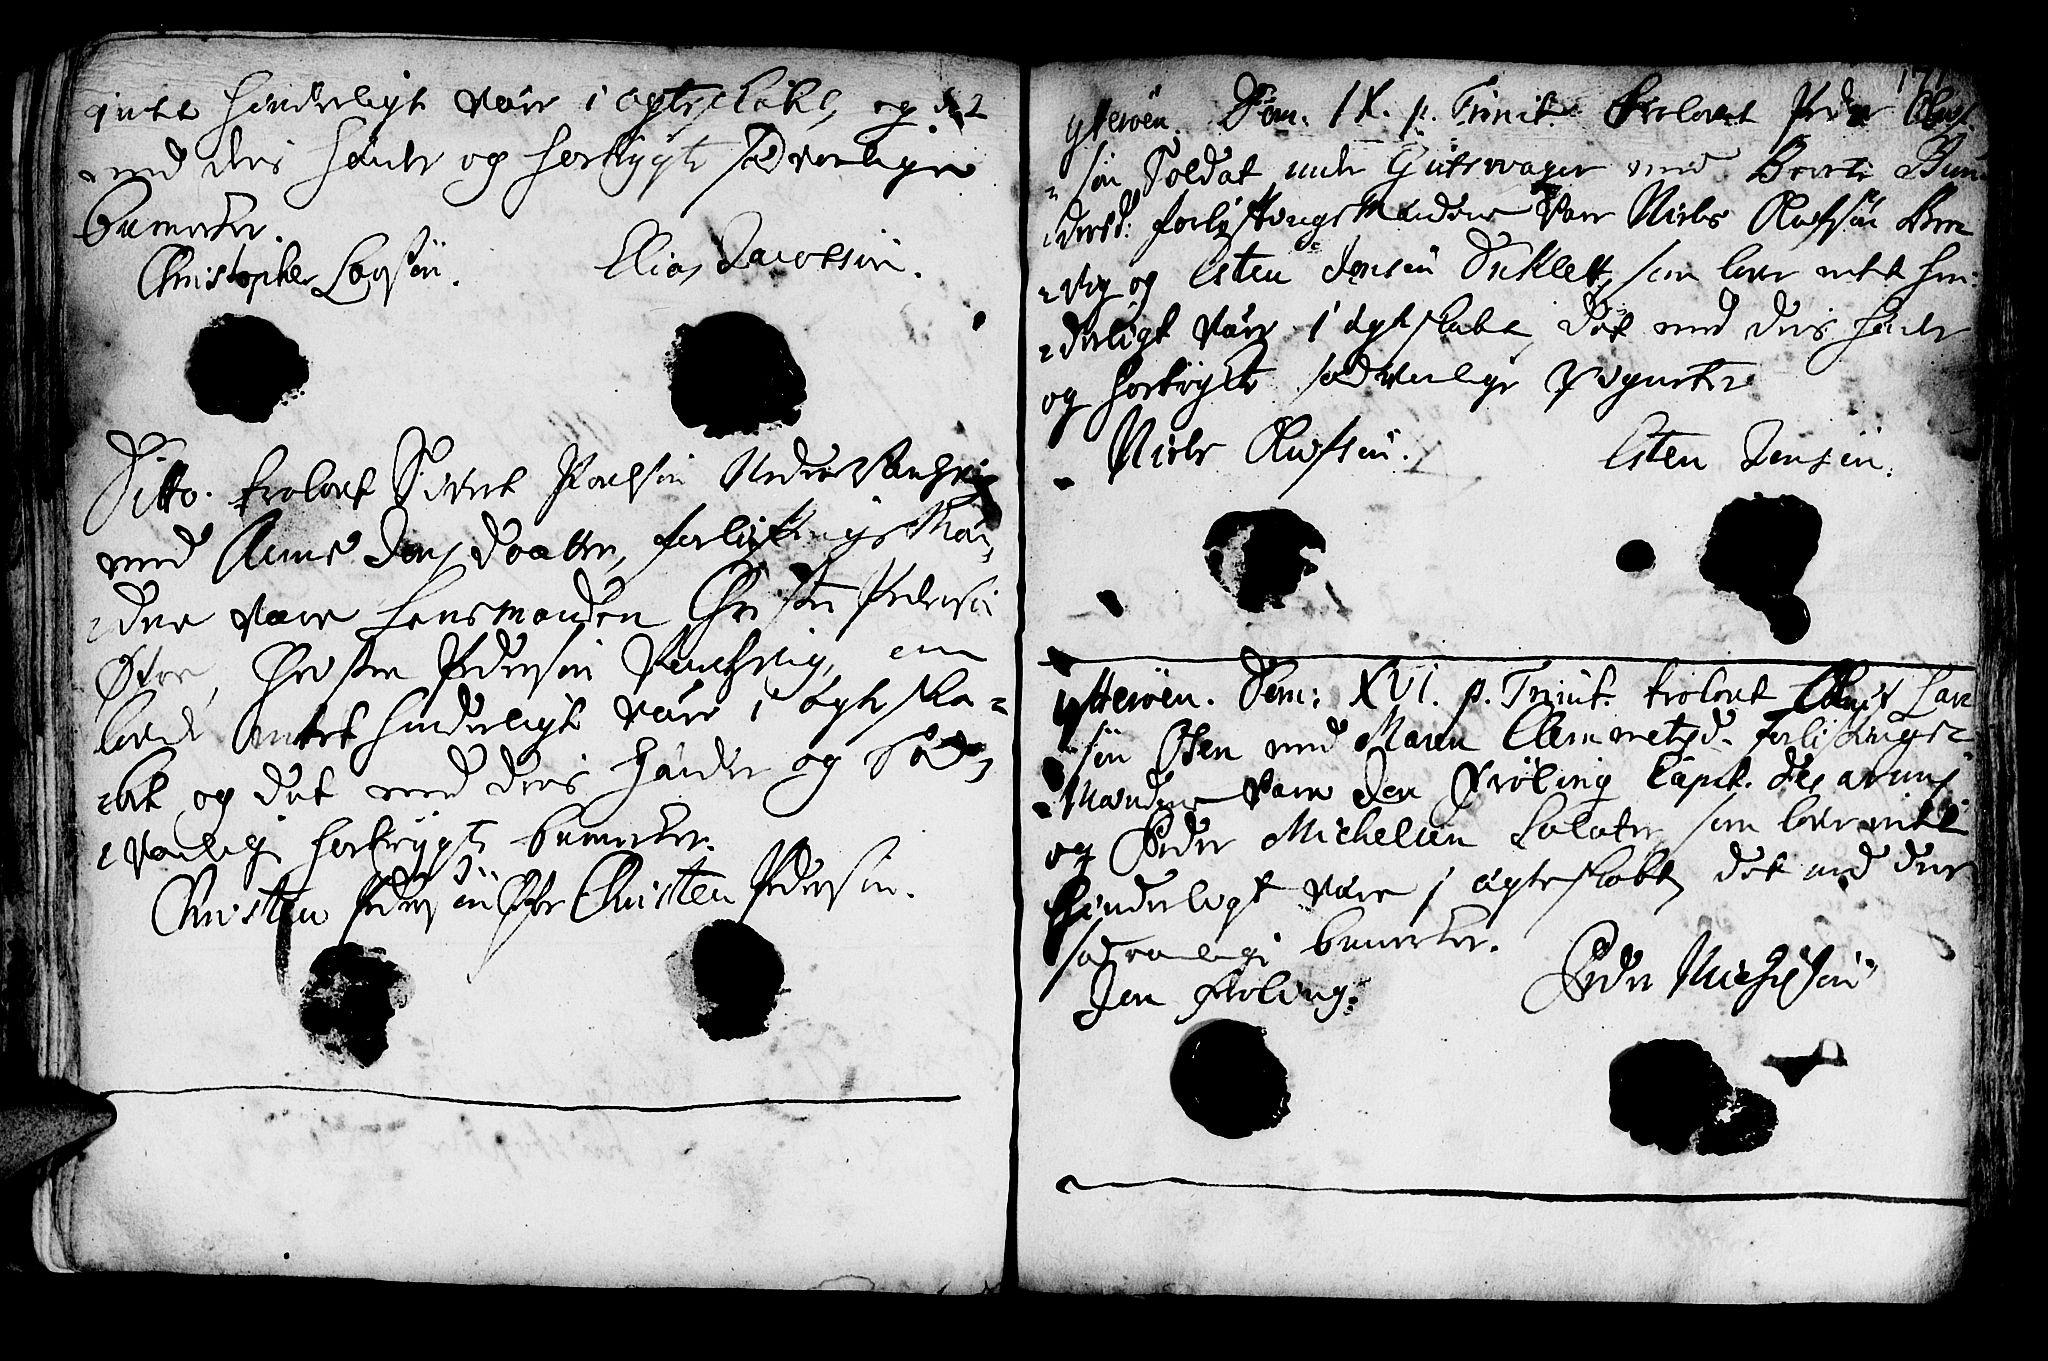 SAT, Ministerialprotokoller, klokkerbøker og fødselsregistre - Nord-Trøndelag, 722/L0215: Ministerialbok nr. 722A02, 1718-1755, s. 171